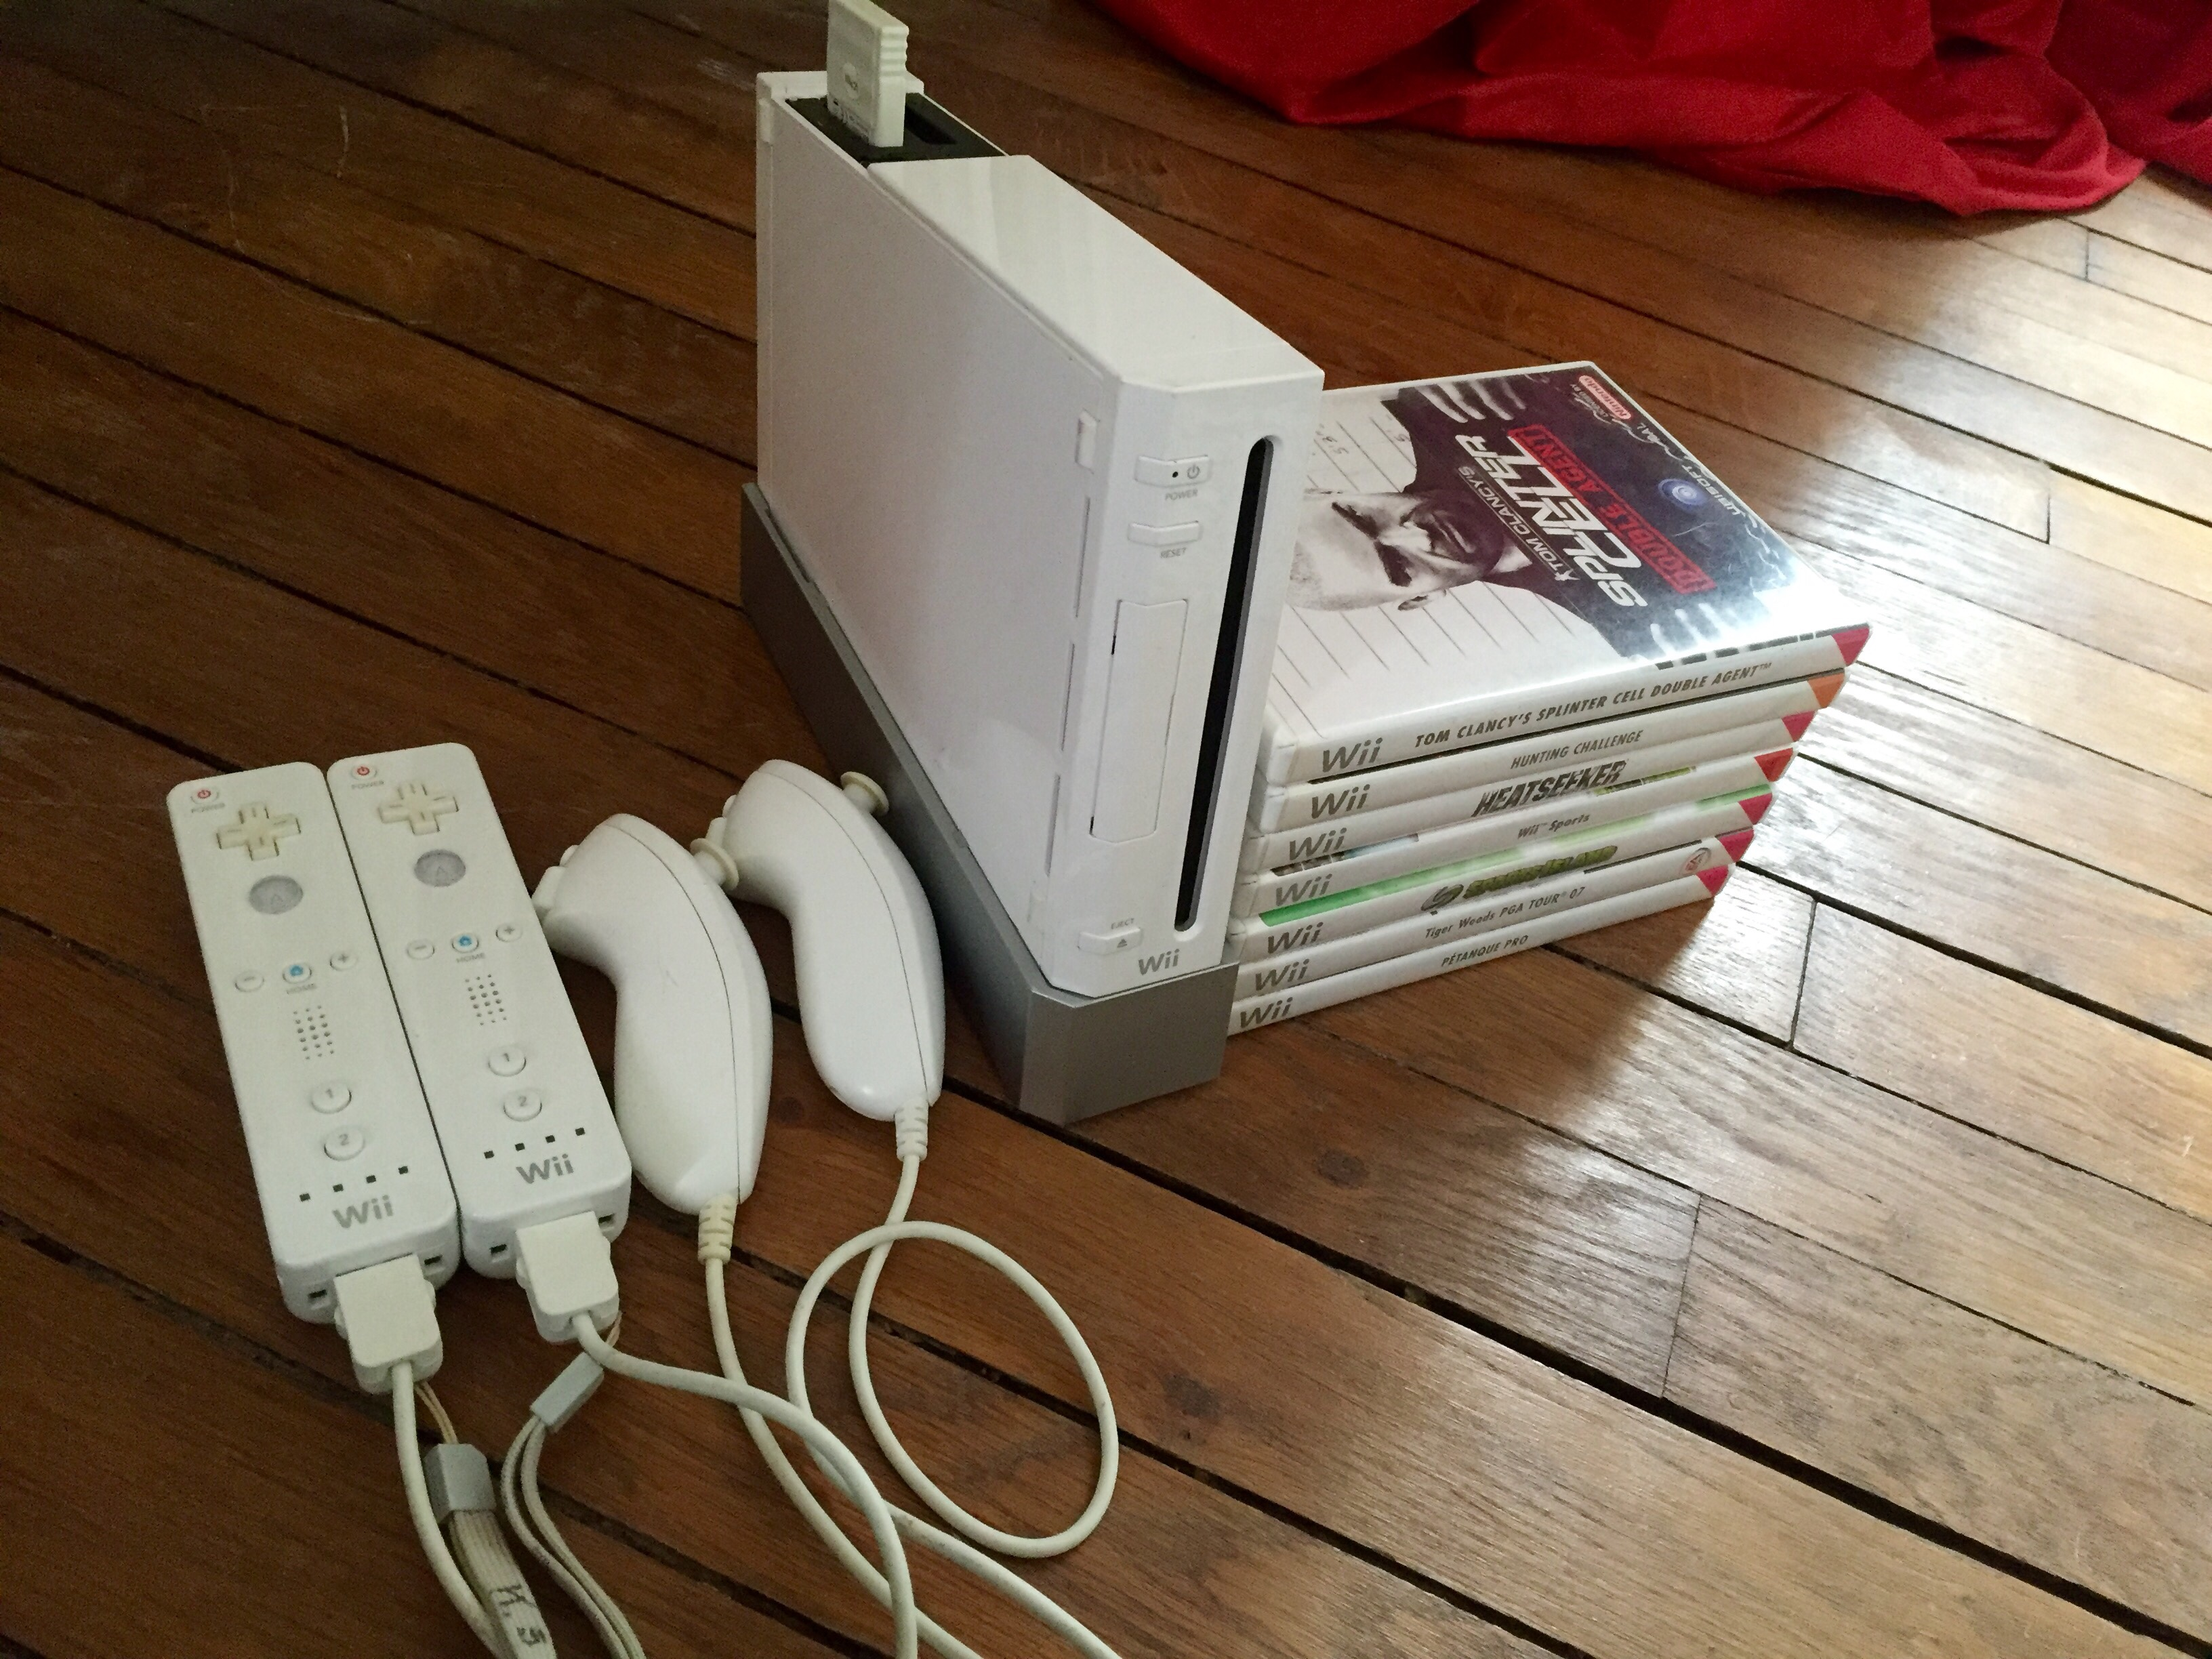 Wii/jeux/manettes 50 Paris 14 (75)